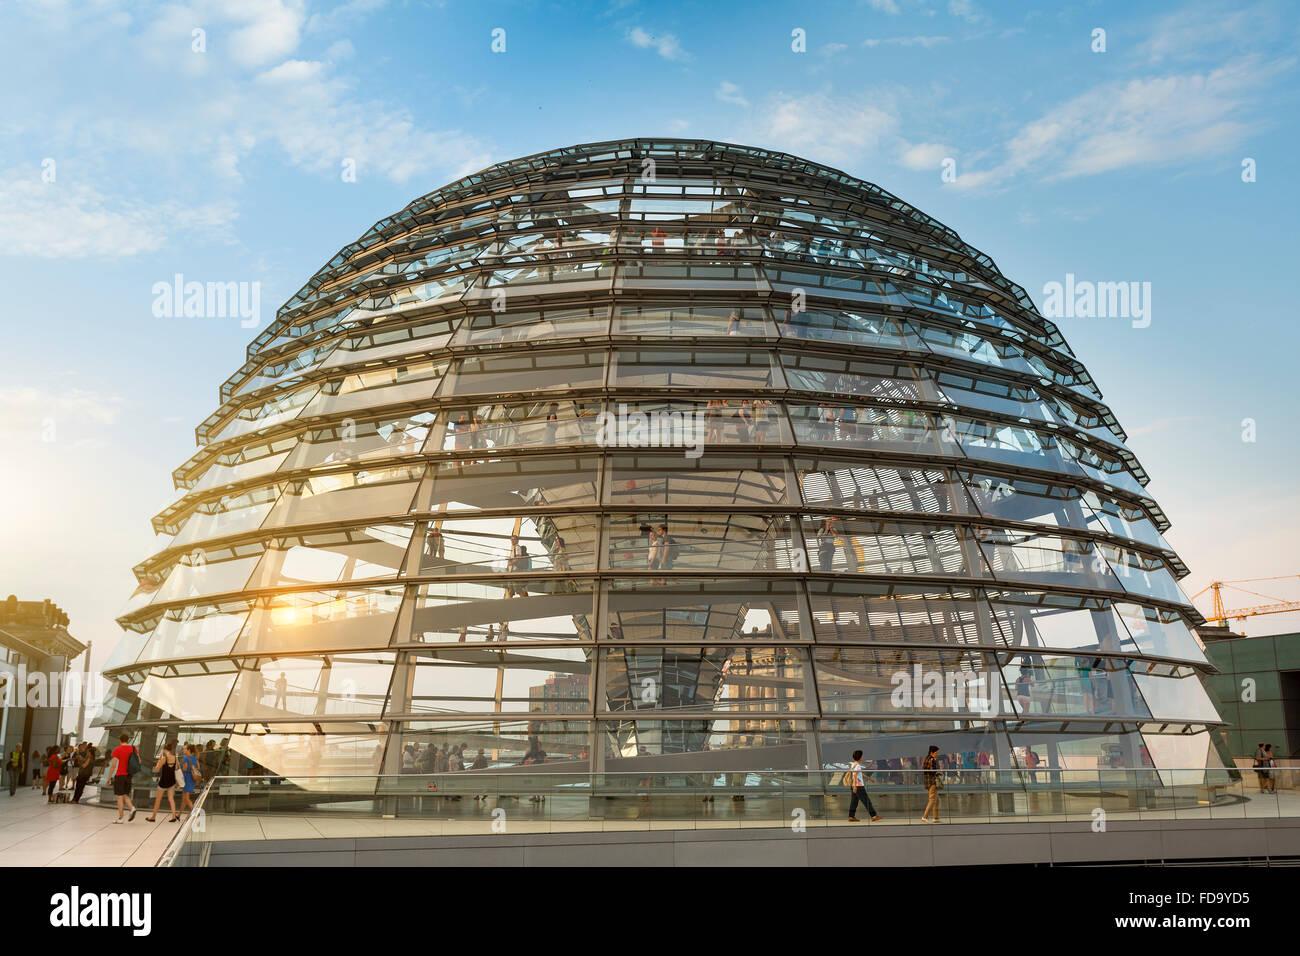 Europa, Deutschland, Berlin, Fosters Kuppel des Reichstagsgebäudes Stockbild